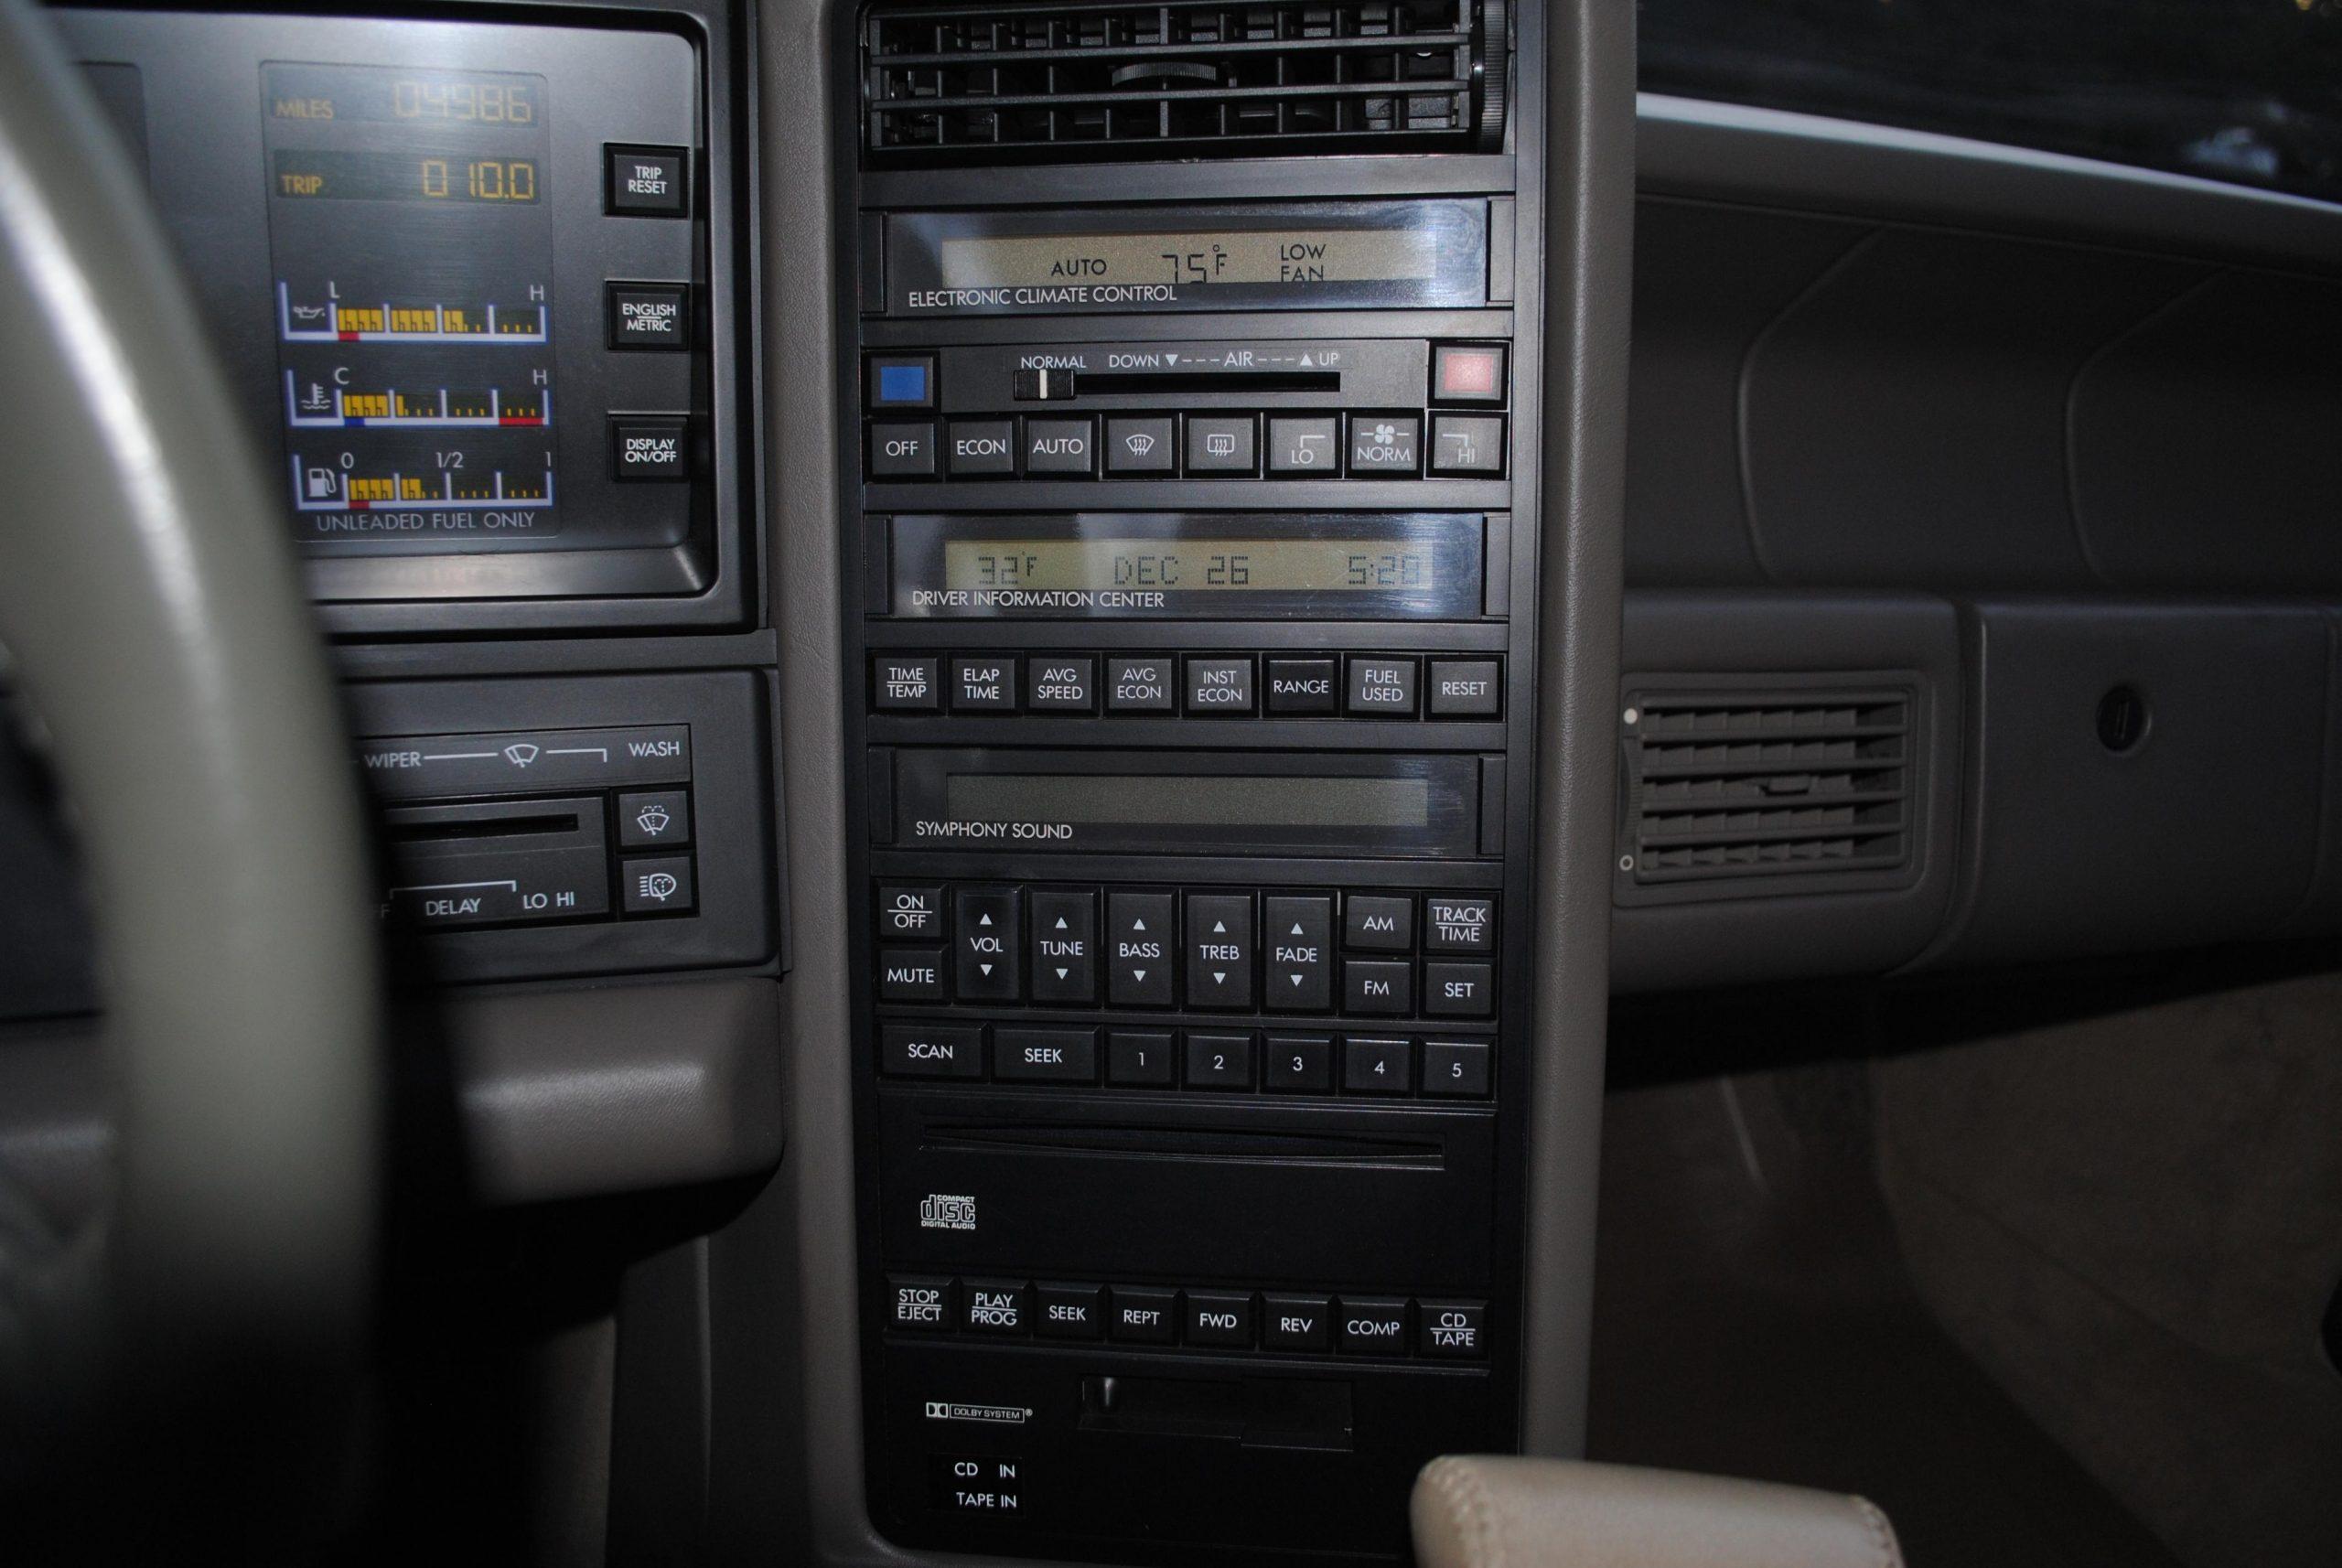 1993 Cadillac Allante interior center dash panel